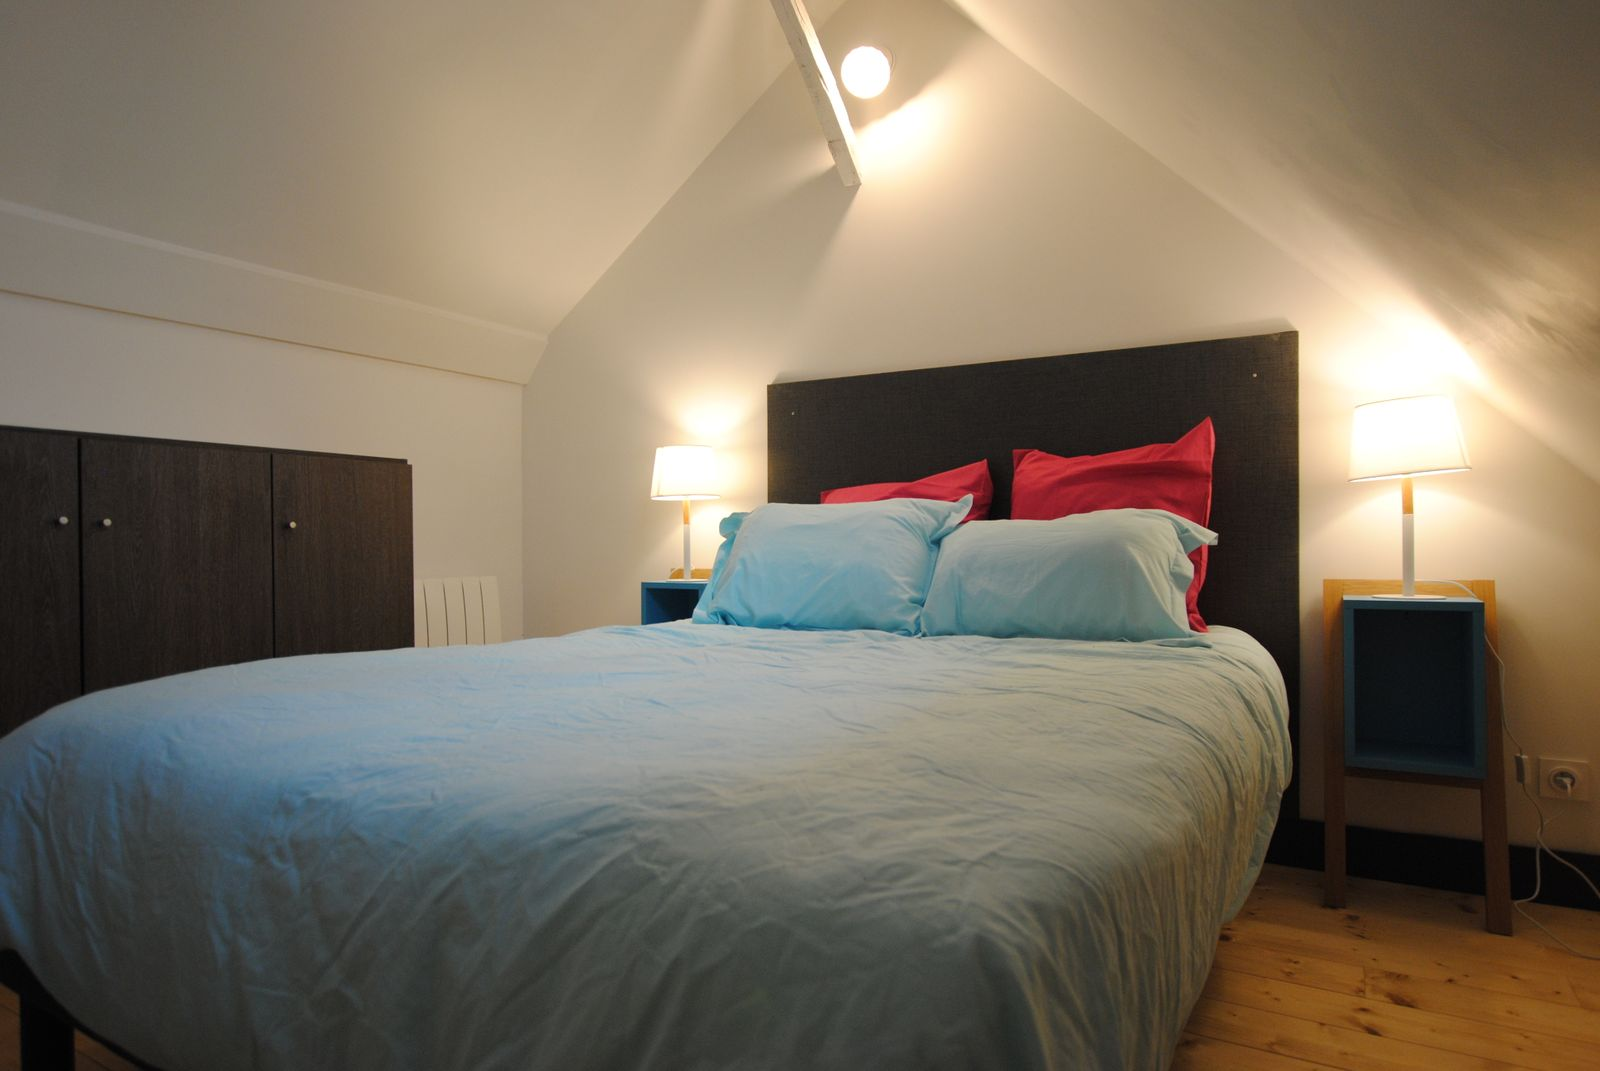 Tête de lit et table de chevet fait par nos soin 51G482 - La Courvilloise - Courville - Gîtes de France Marne